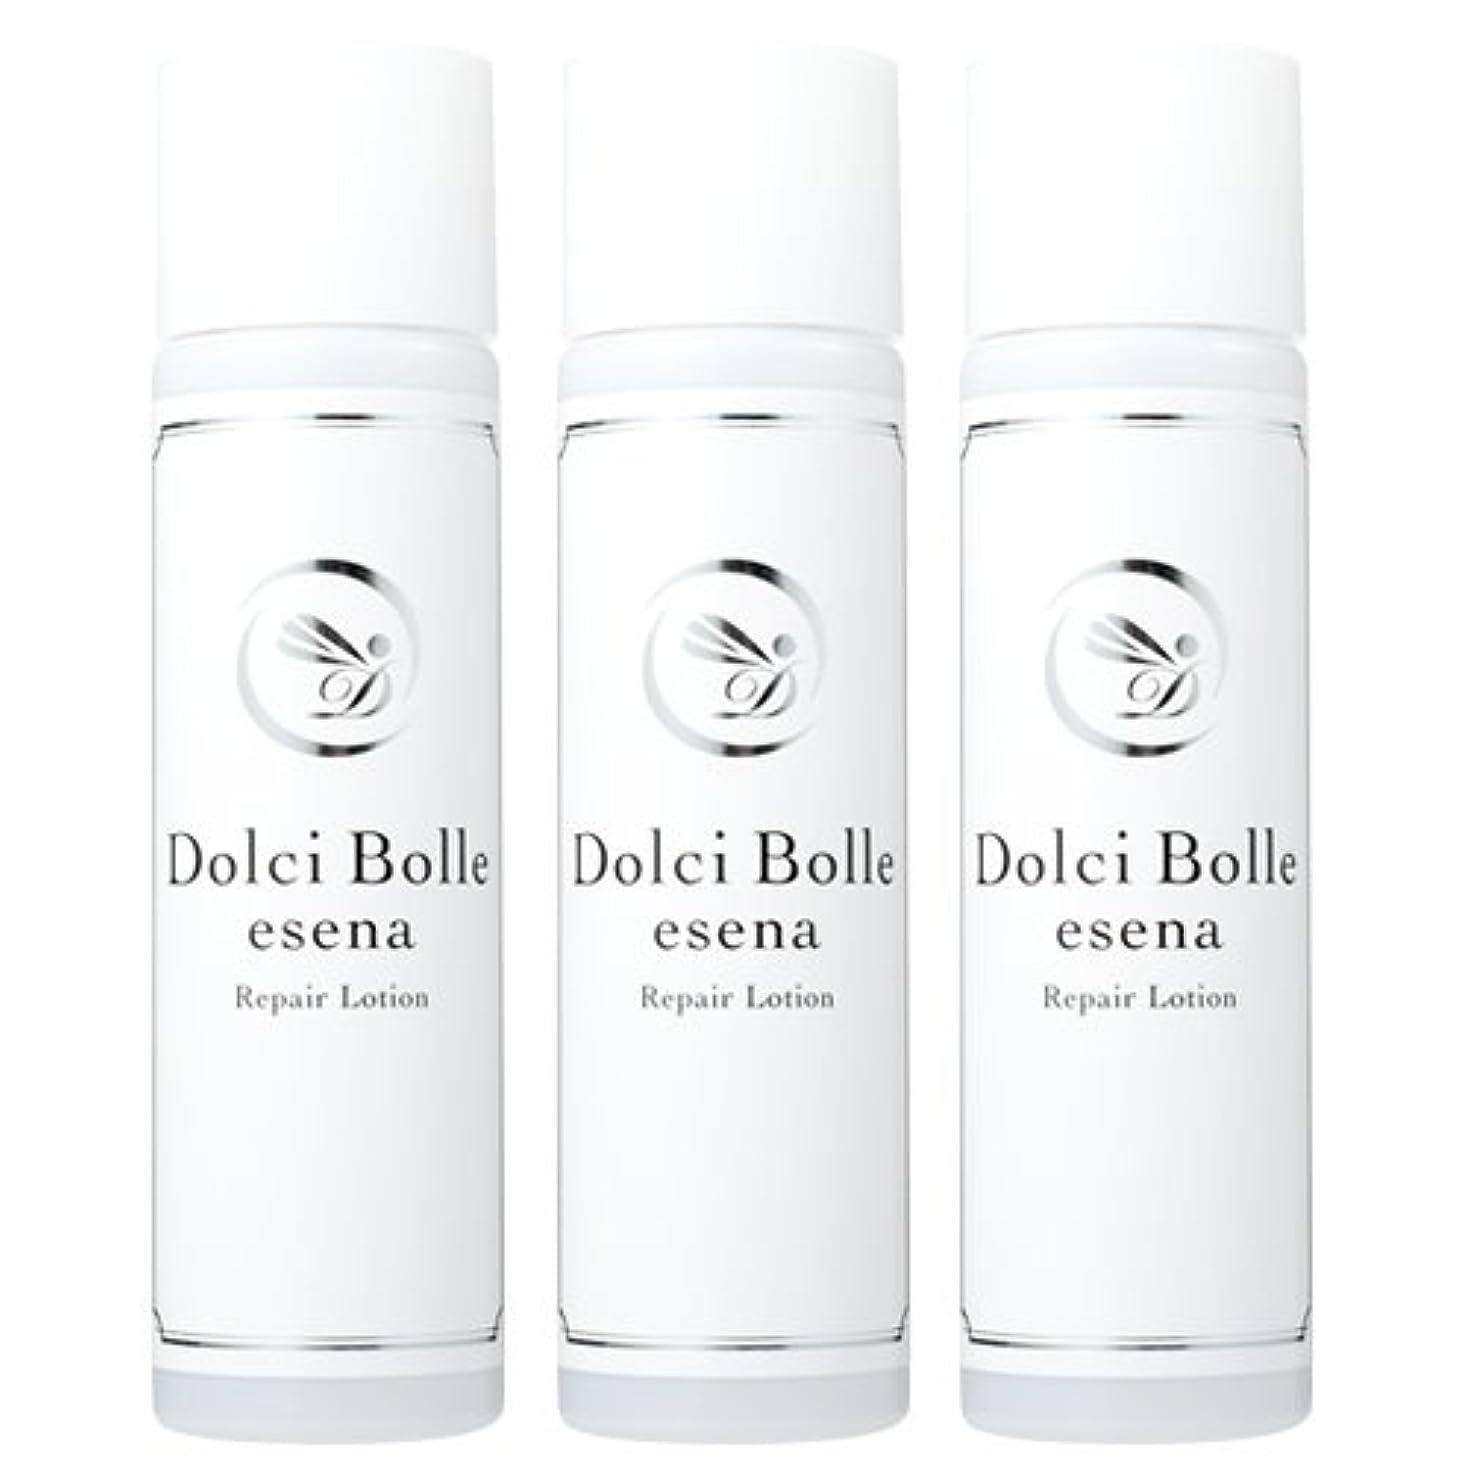 応答大きさ上流のDolci Bolle(ドルチボーレ) esena(エセナ) リペアローション 150ml 3本セット